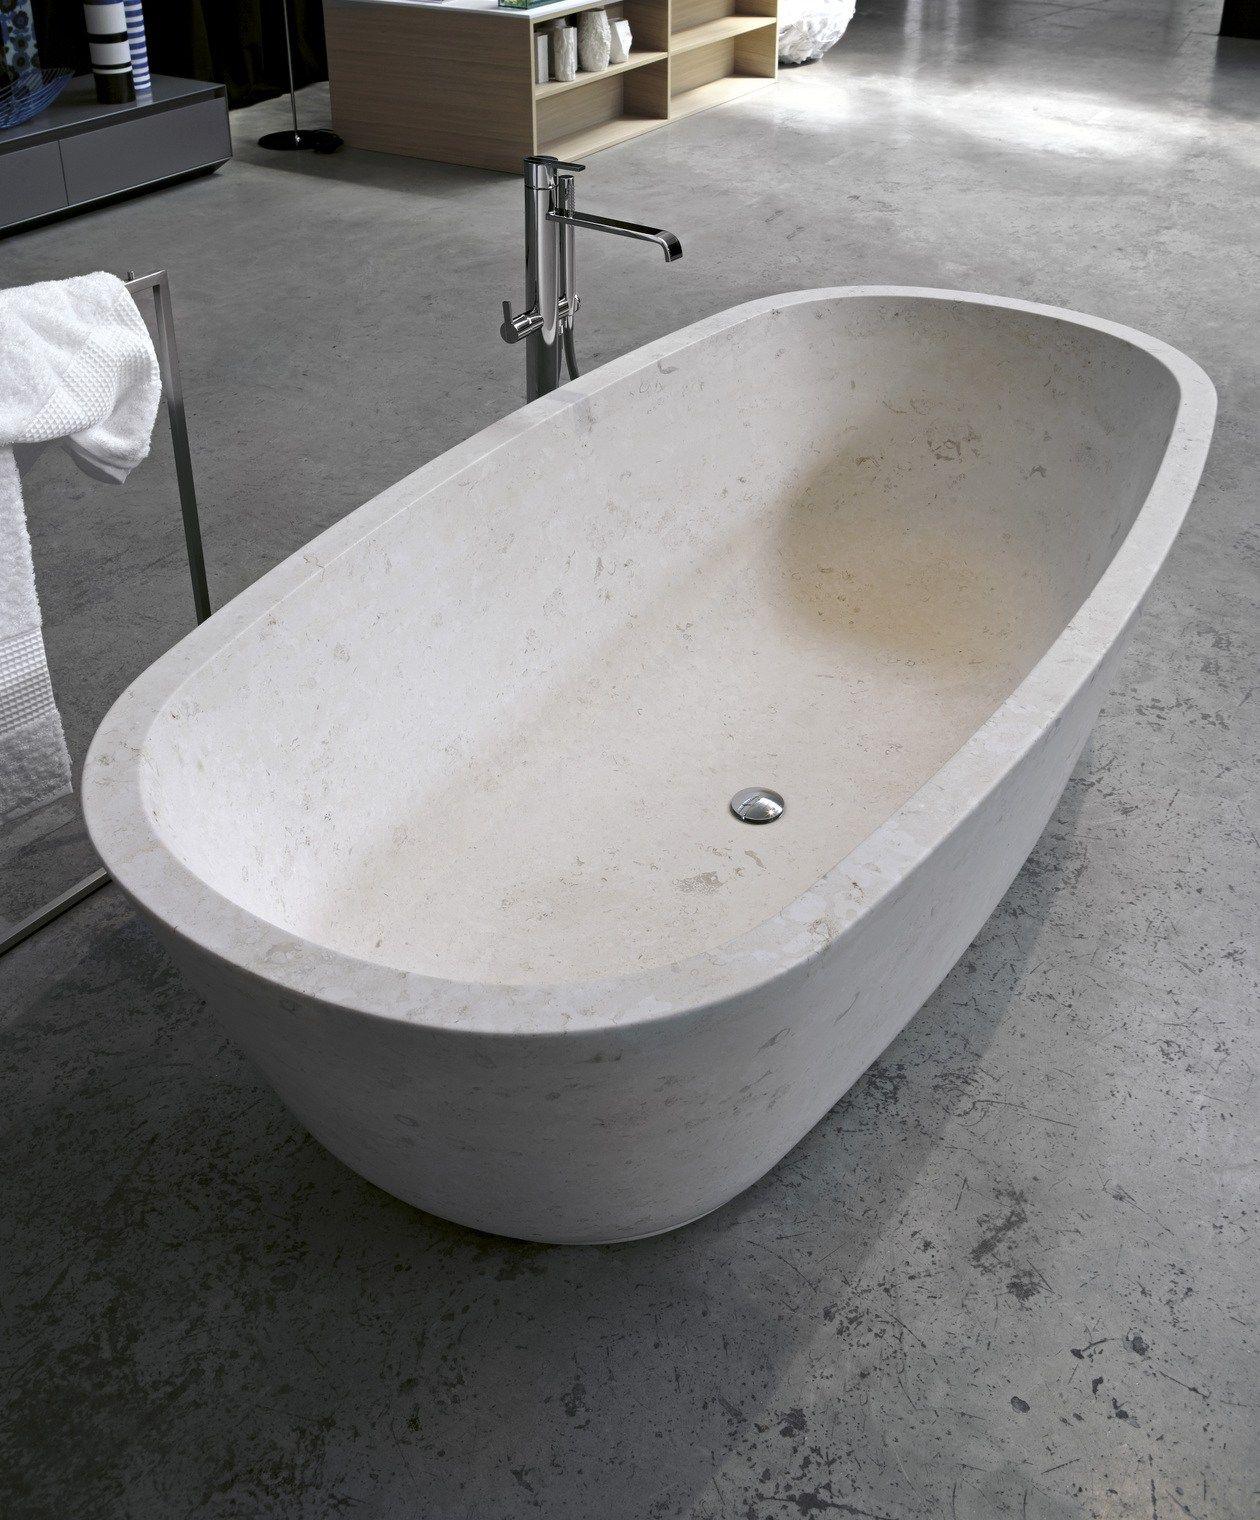 Ba a vasca da bagno in pietra naturale by antonio lupi - Bagno pietra naturale ...